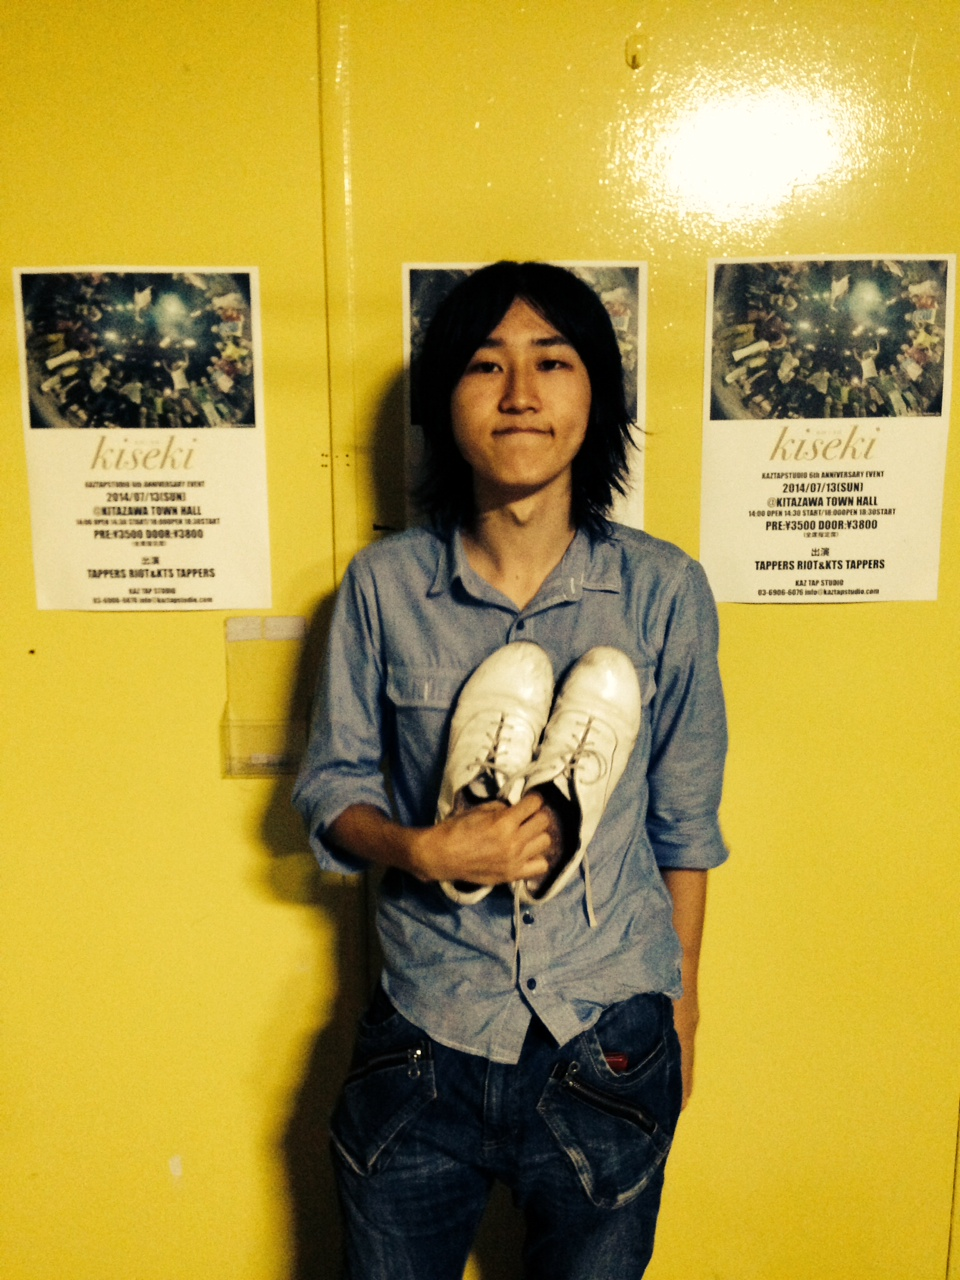 kiseki通信!!COMPANYインタビュー/米澤一輝_f0137346_23174685.jpg